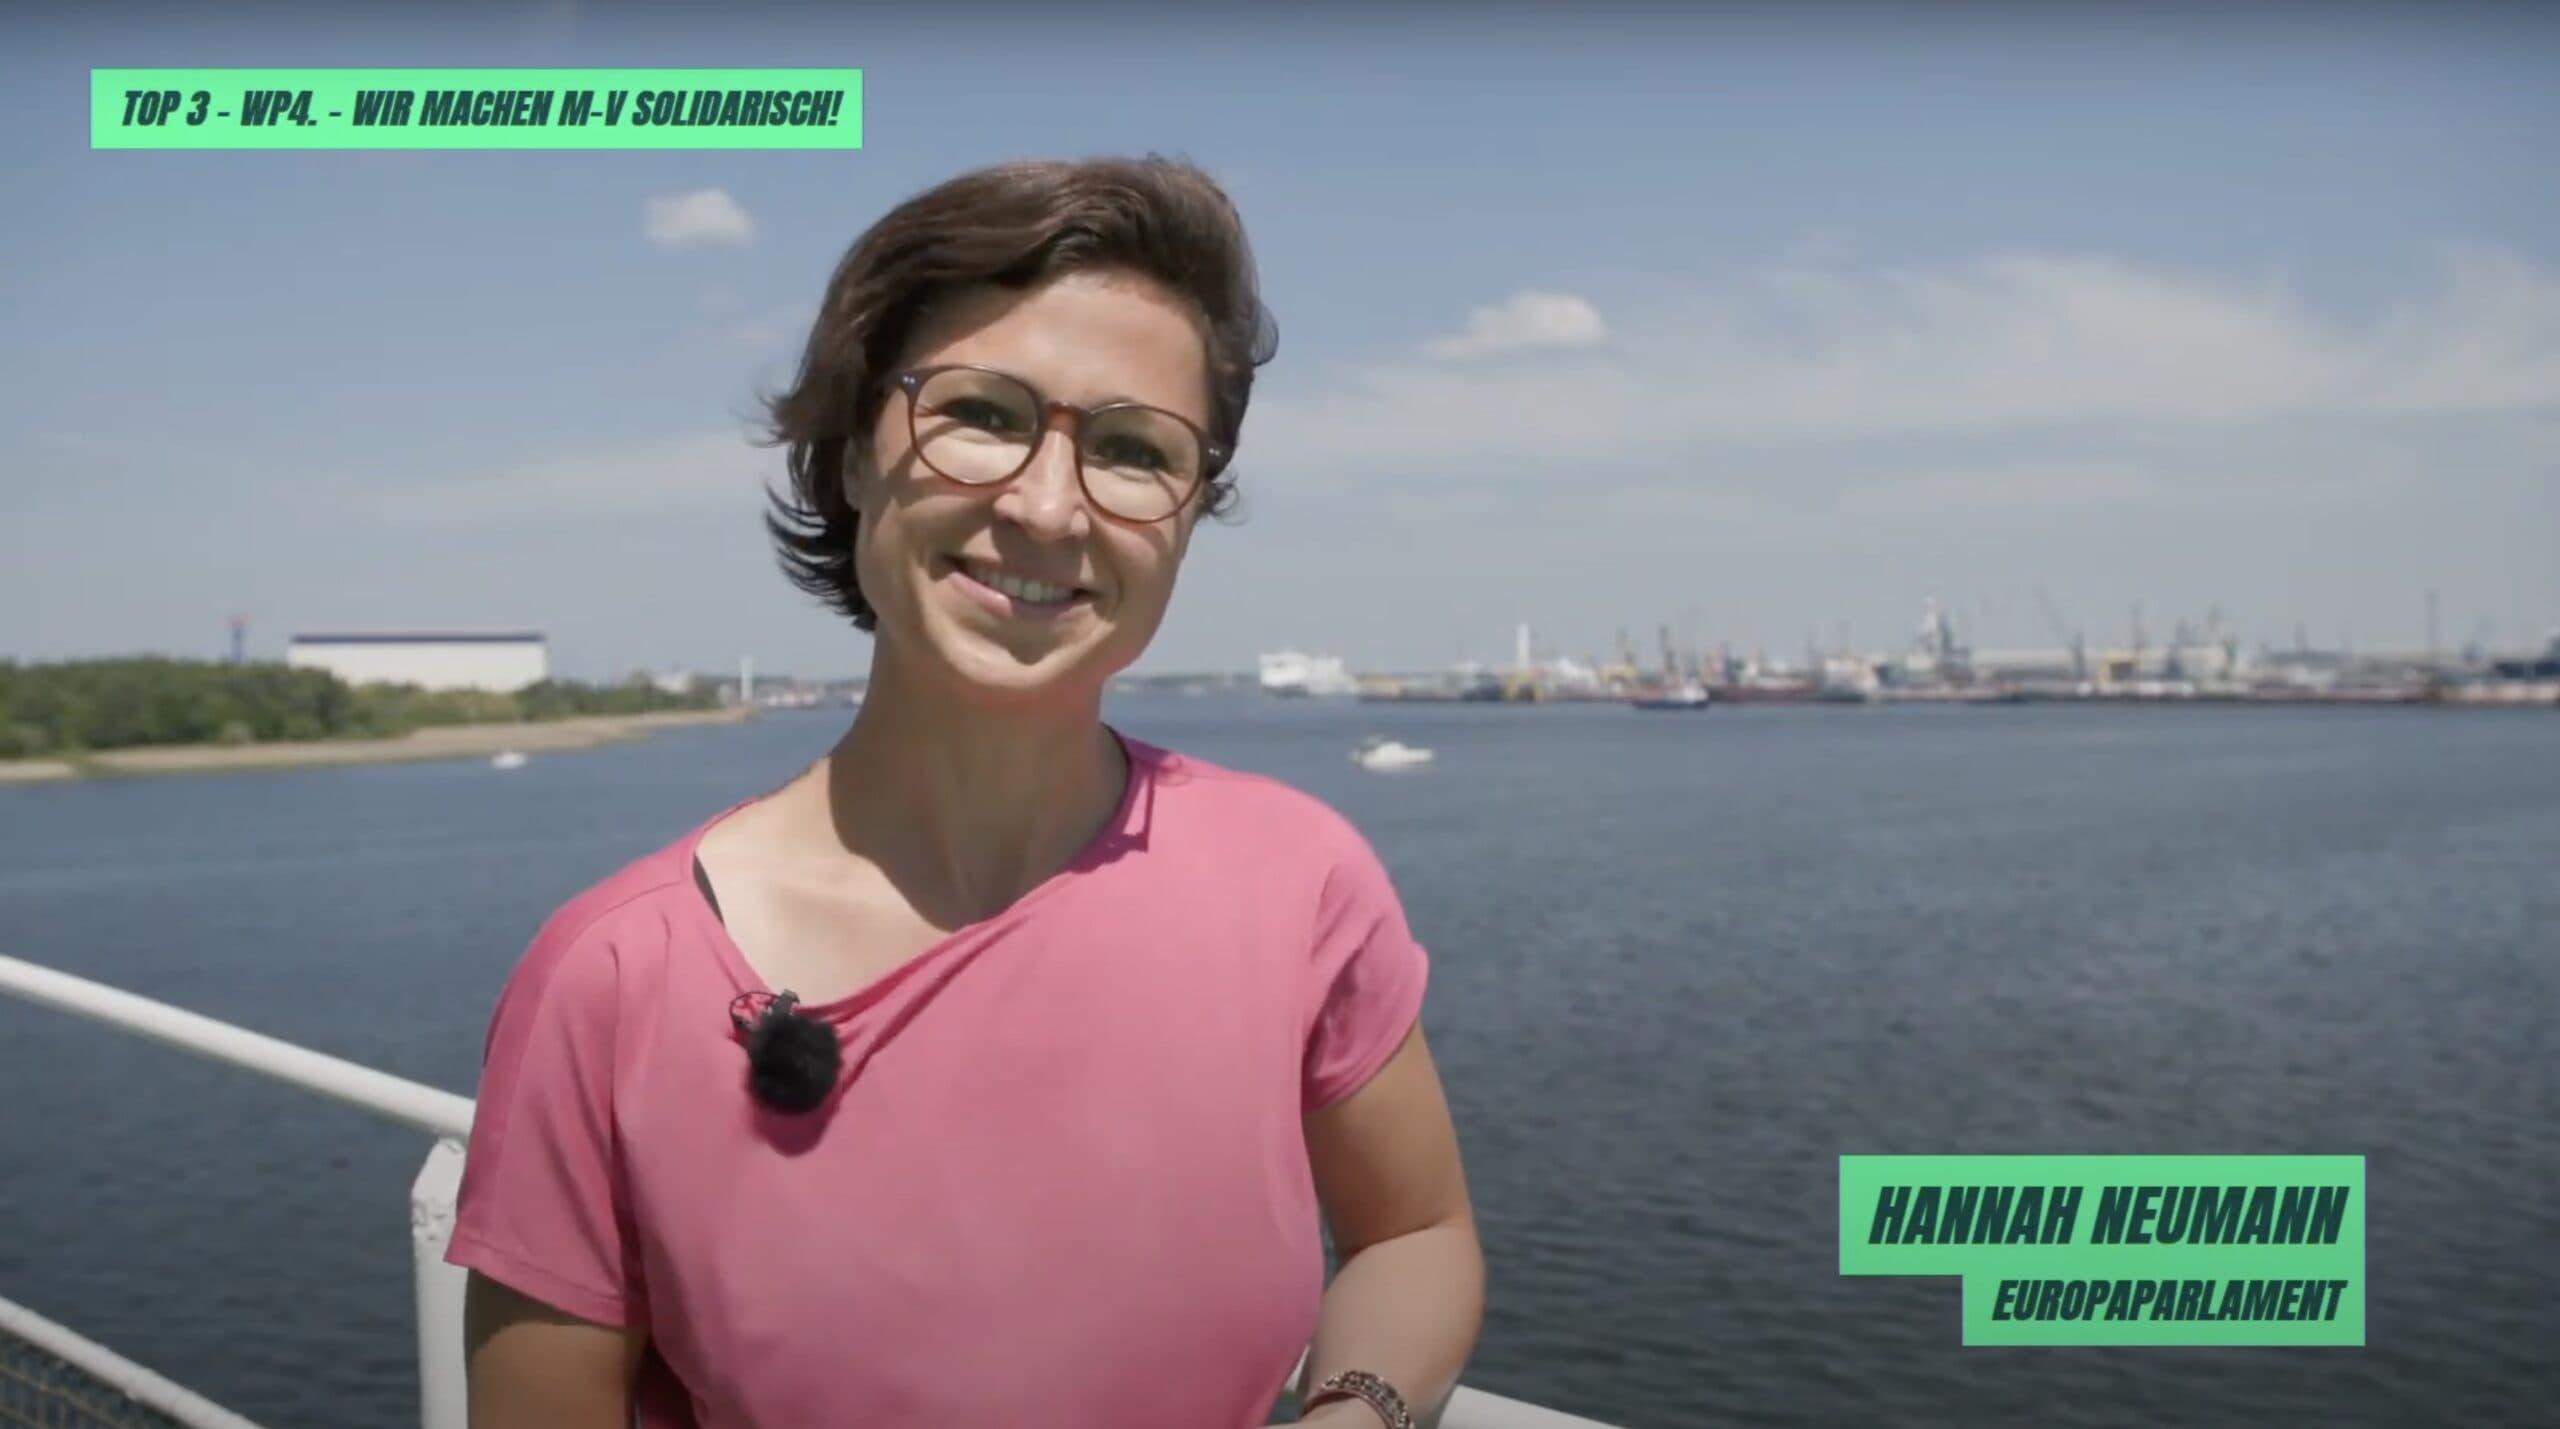 Die Grünen in Mecklenburg-Vorpommern haben ihr Wahlprogramm für die Landtagswahl Ende September beschlossen – und ich war dabei!